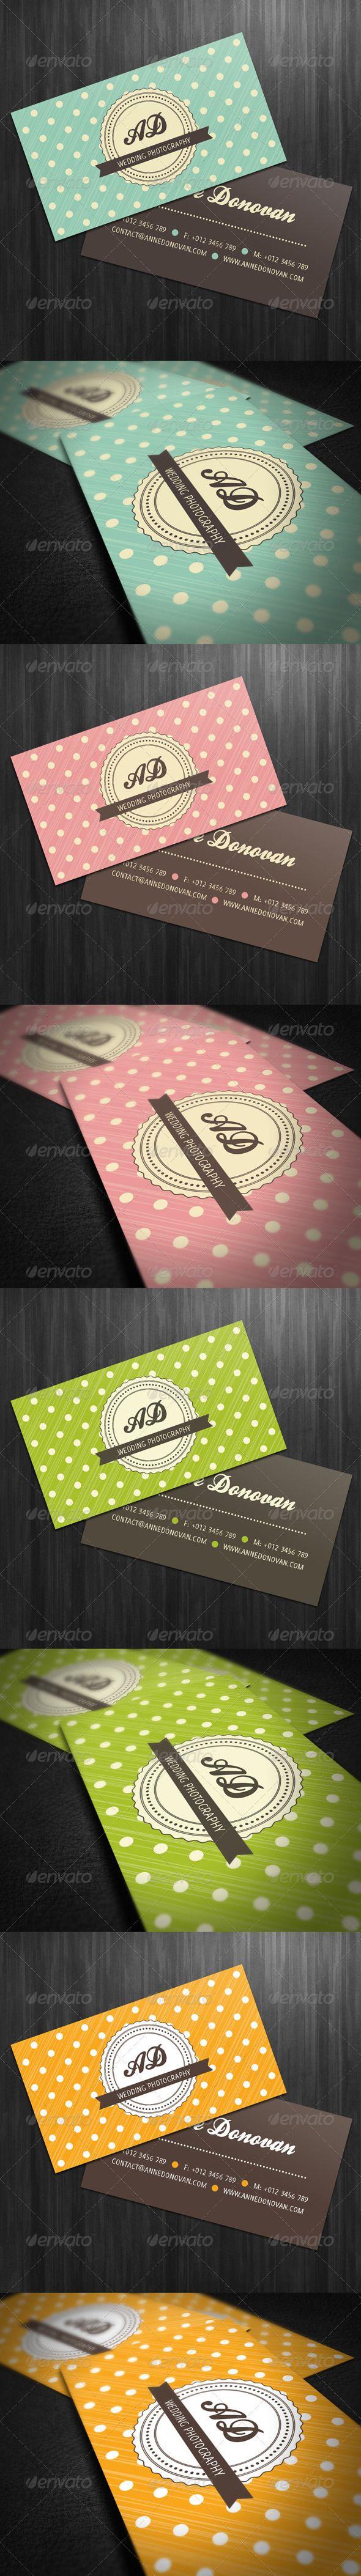 Retro Business Card (4 Color Variations) | Business cards, Retro ...